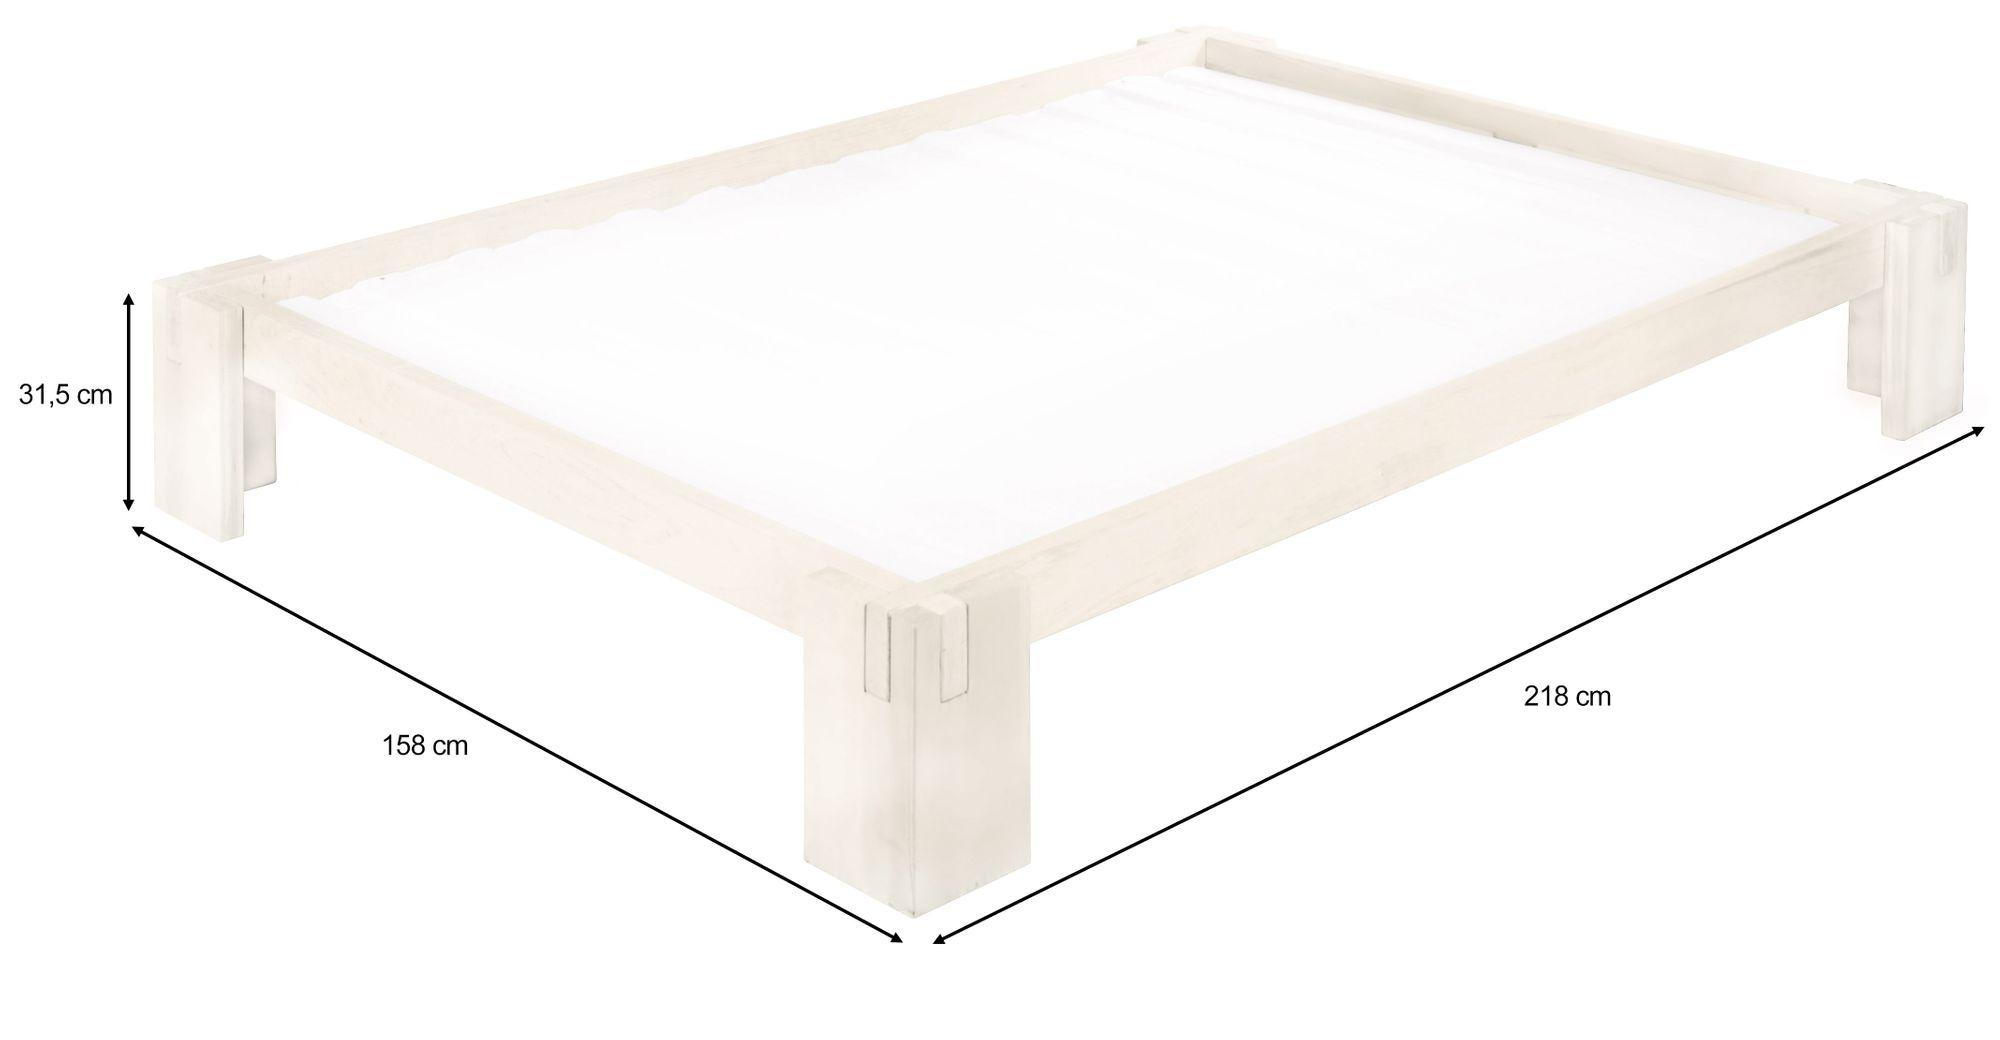 Full Size of Betten 140x200 Weiß Biodario Bett Cm Kiefer Wei Lasiert Günstige Regal Holz Hängeschrank Hochglanz Wohnzimmer Weißes Sofa 120x200 Musterring Kleiner Bett Betten 140x200 Weiß